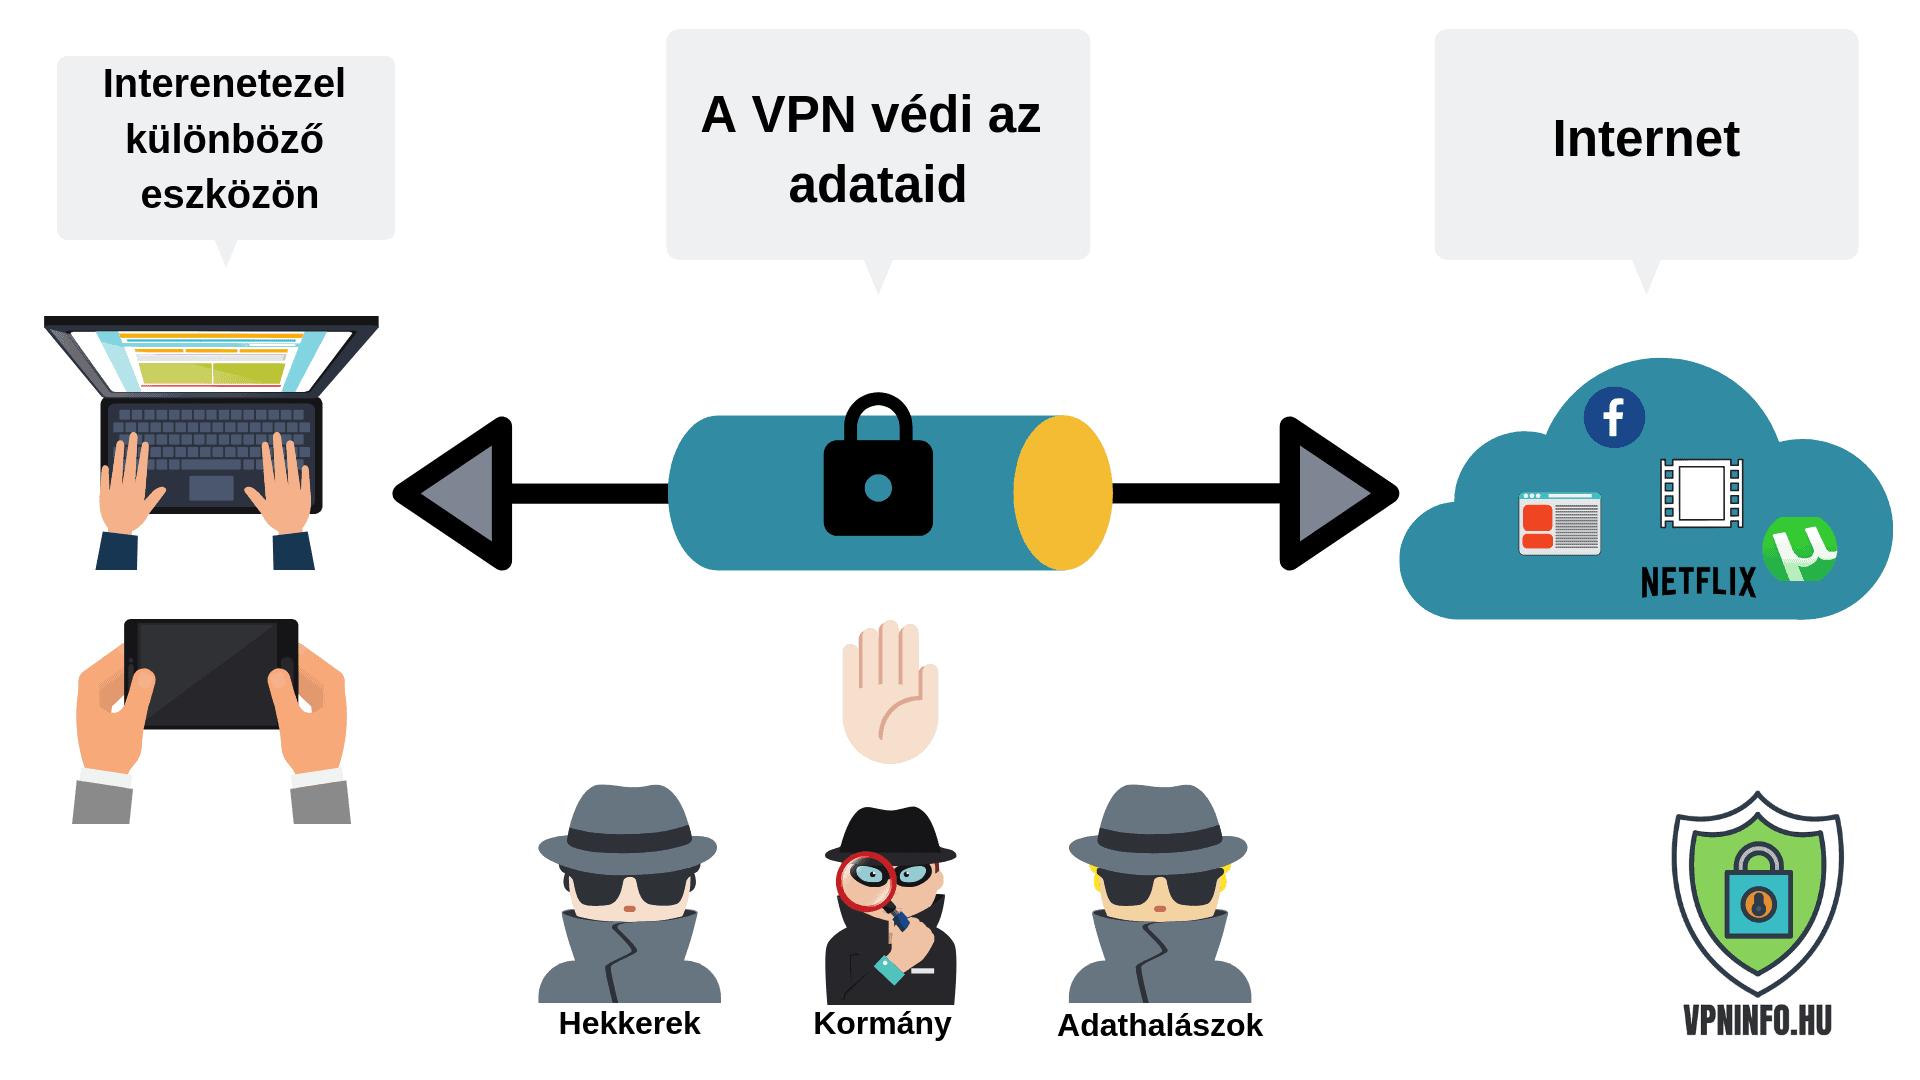 IP Cím Elrejtése vpn